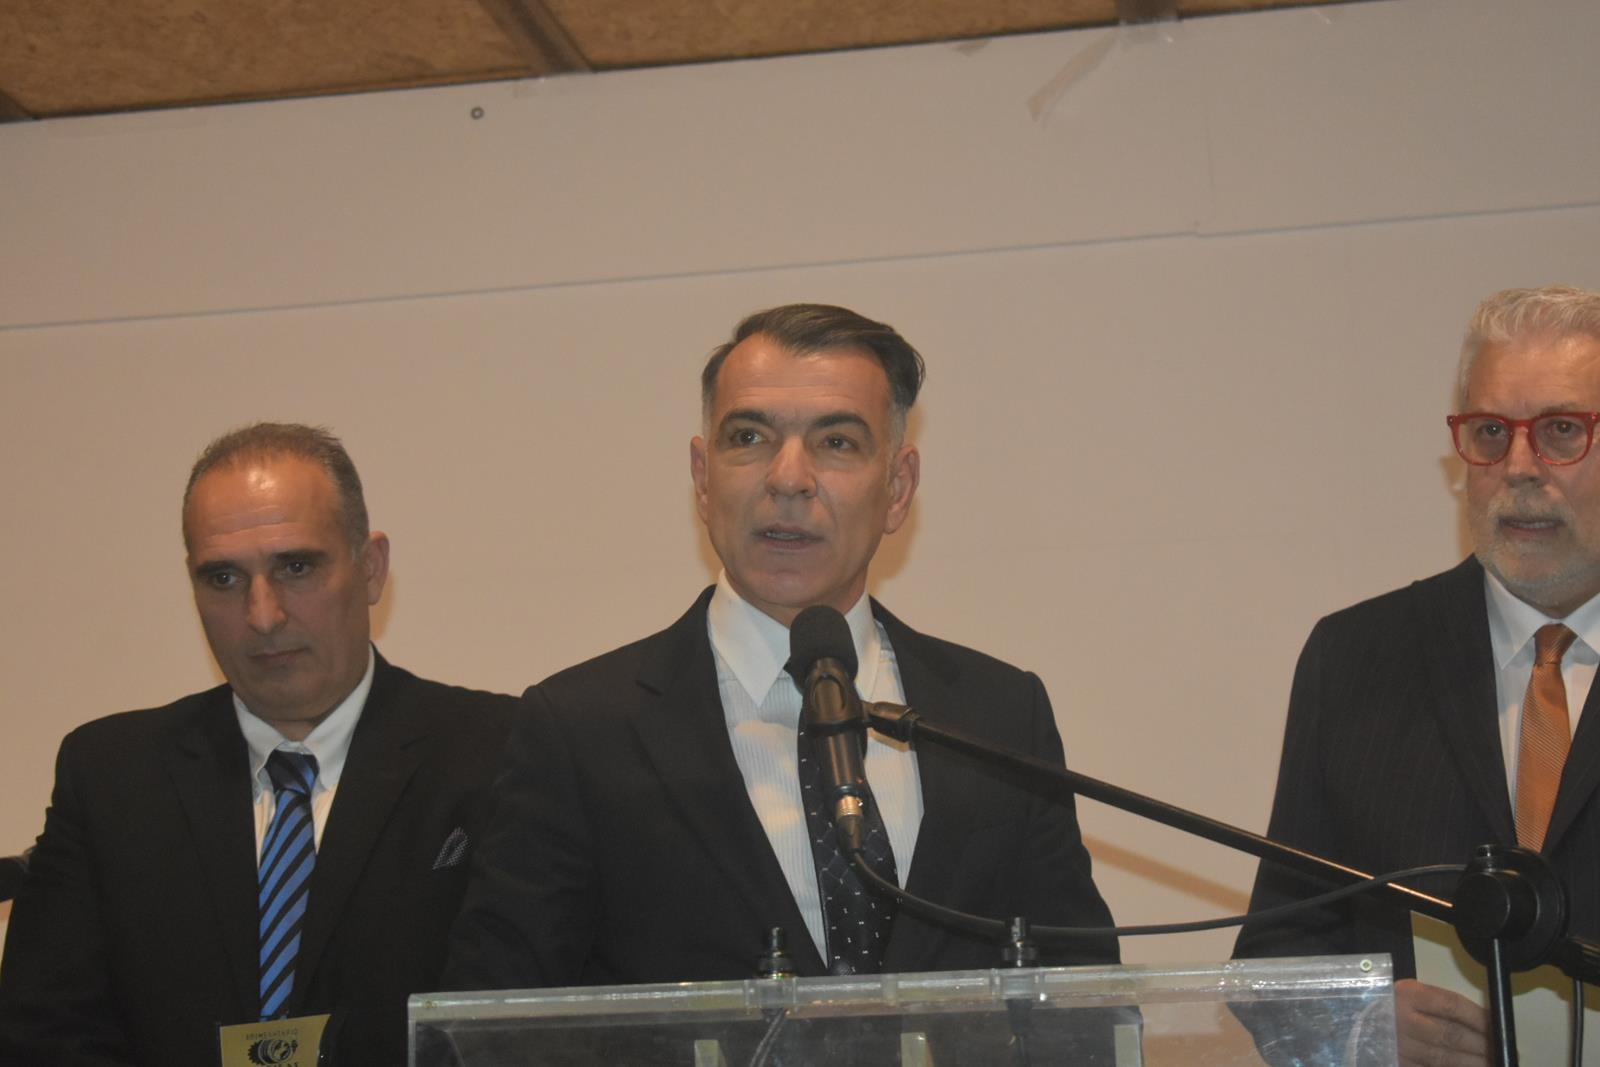 Αυτές είναι οι επιχειρήσεις που βραβεύτηκαν για την πορεία τους από το Επιμελητήριο Λάρισας (φωτό)